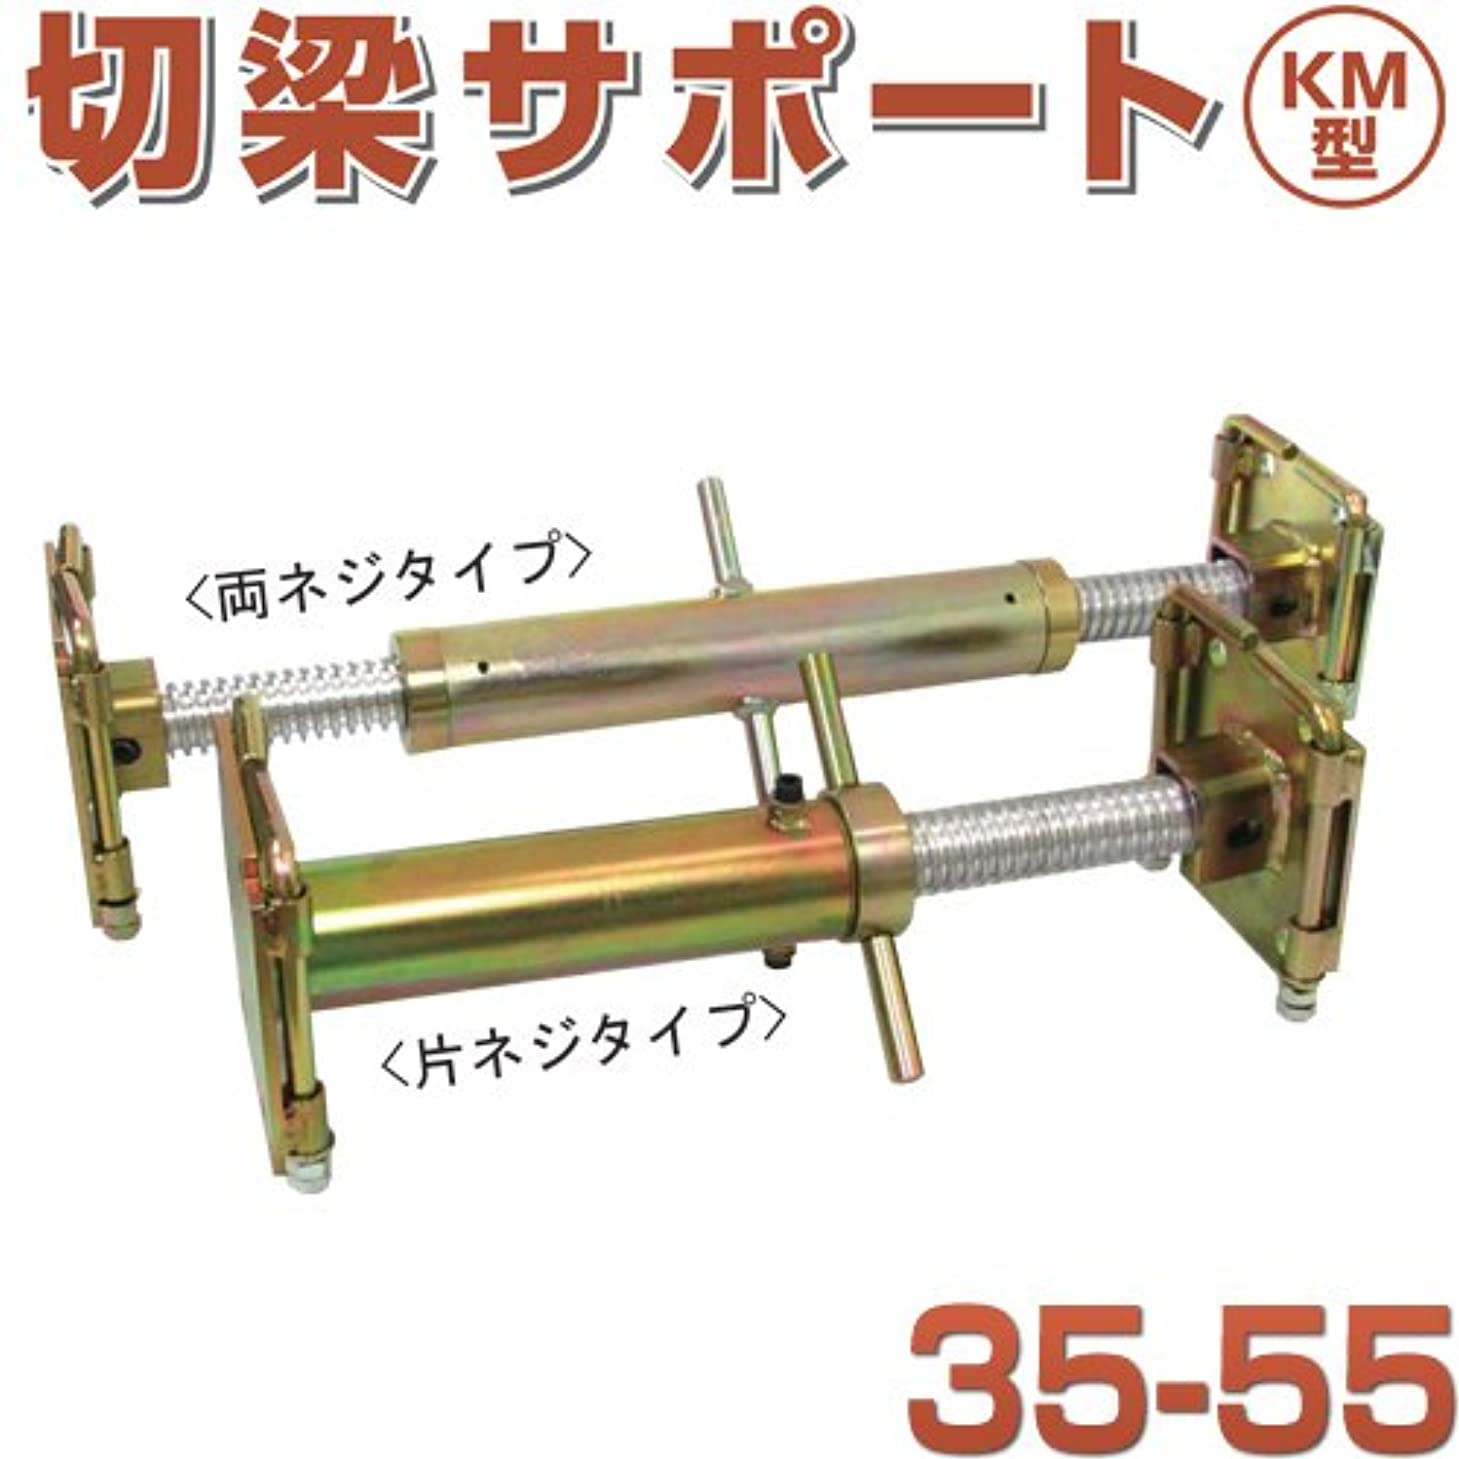 リマーク後者いちゃつく狭い開削工事に最適 切梁サポートKM型 35-55 ホーシン 両ネジタイプ